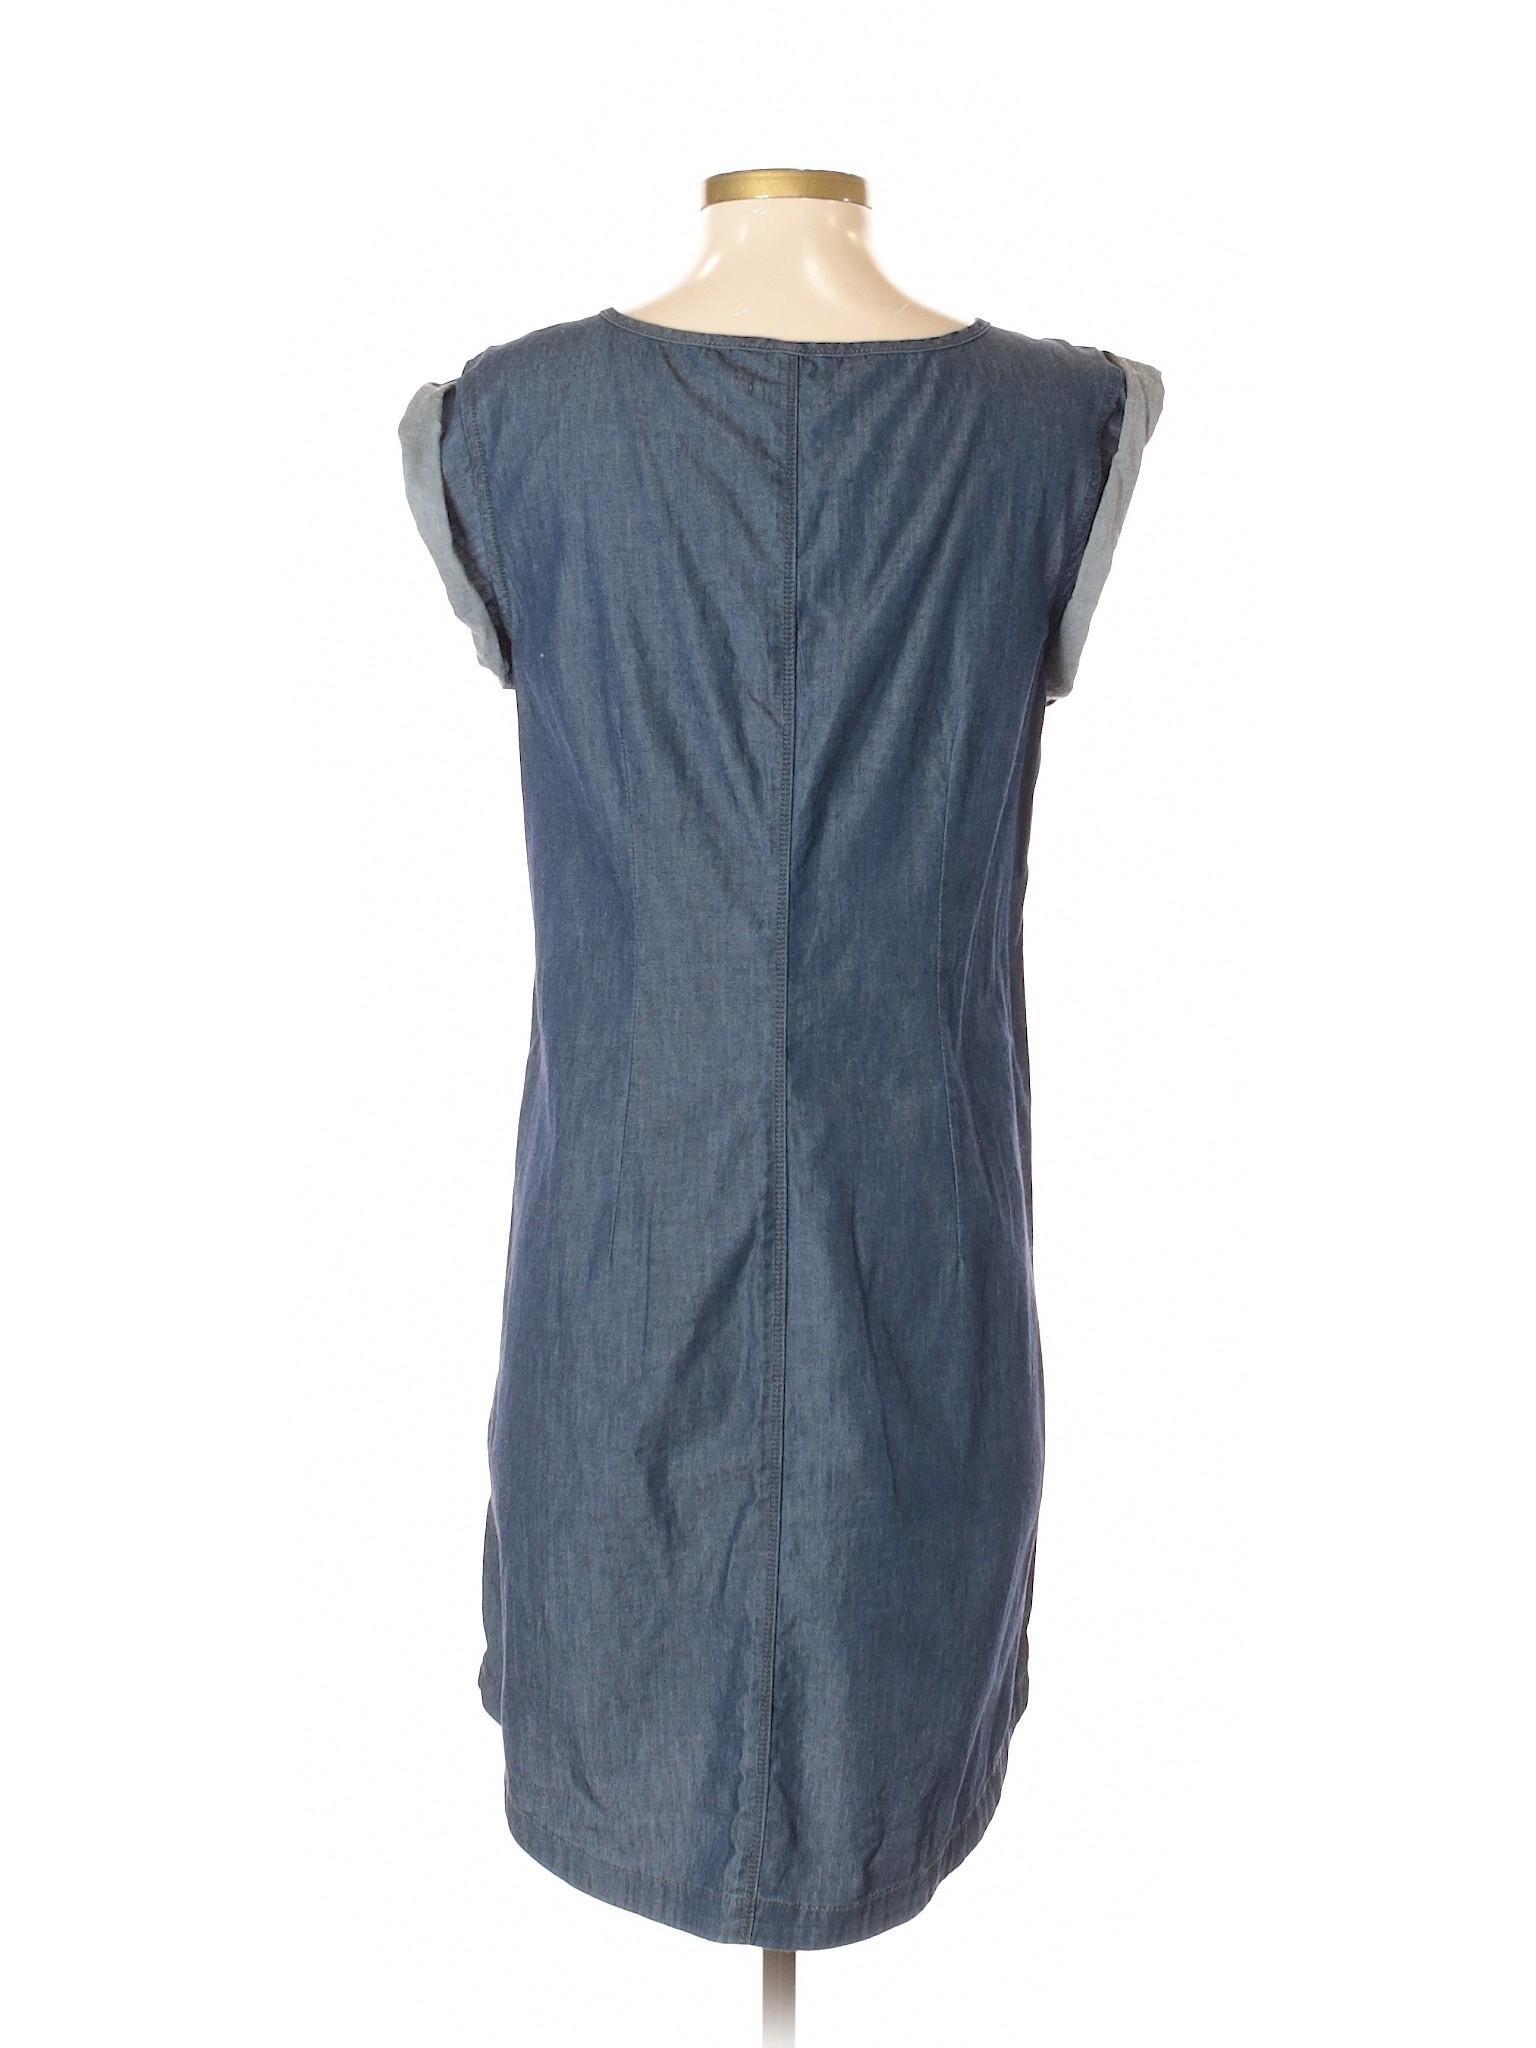 Boutique Boutique Casual Gap Casual Dress winter Dress winter Dress Gap Casual Gap Boutique winter rEwqrnx87